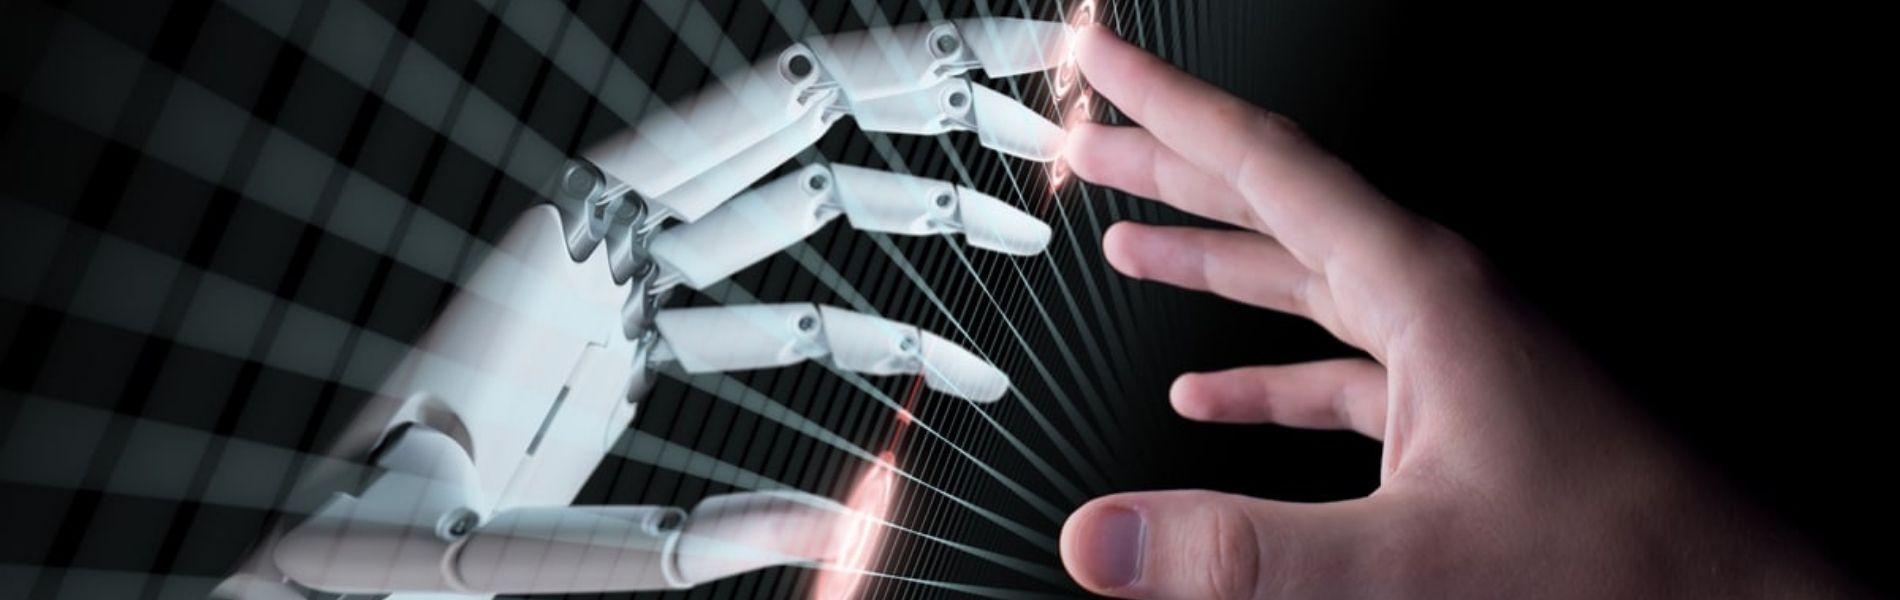 Planejamento estratégico e Inteligência Artificial